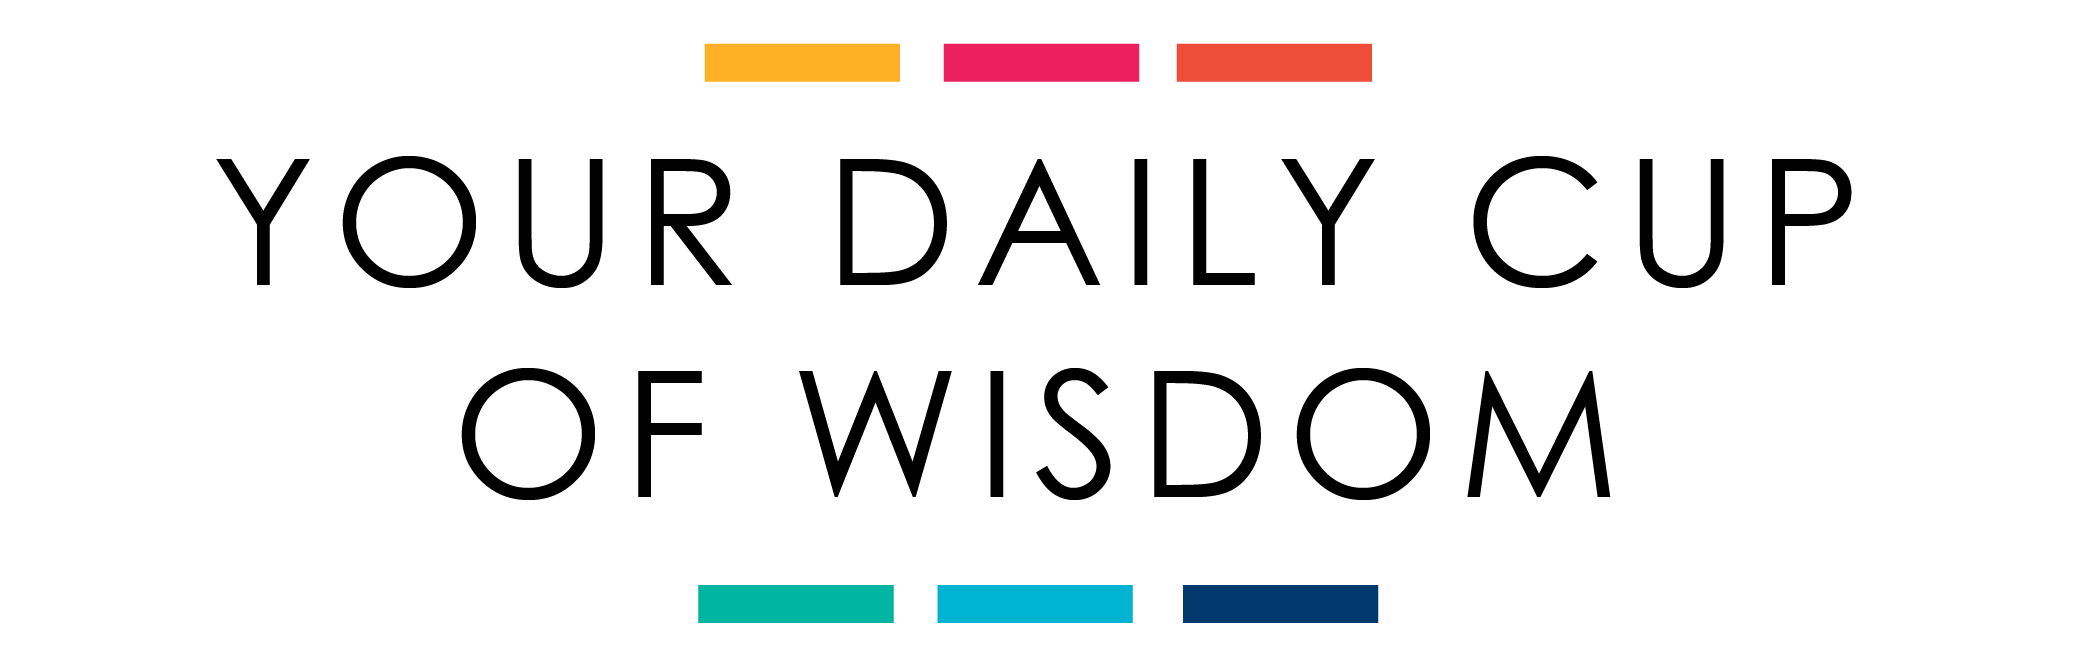 Top 18 lynda com Courses of 2018 | Human Resources